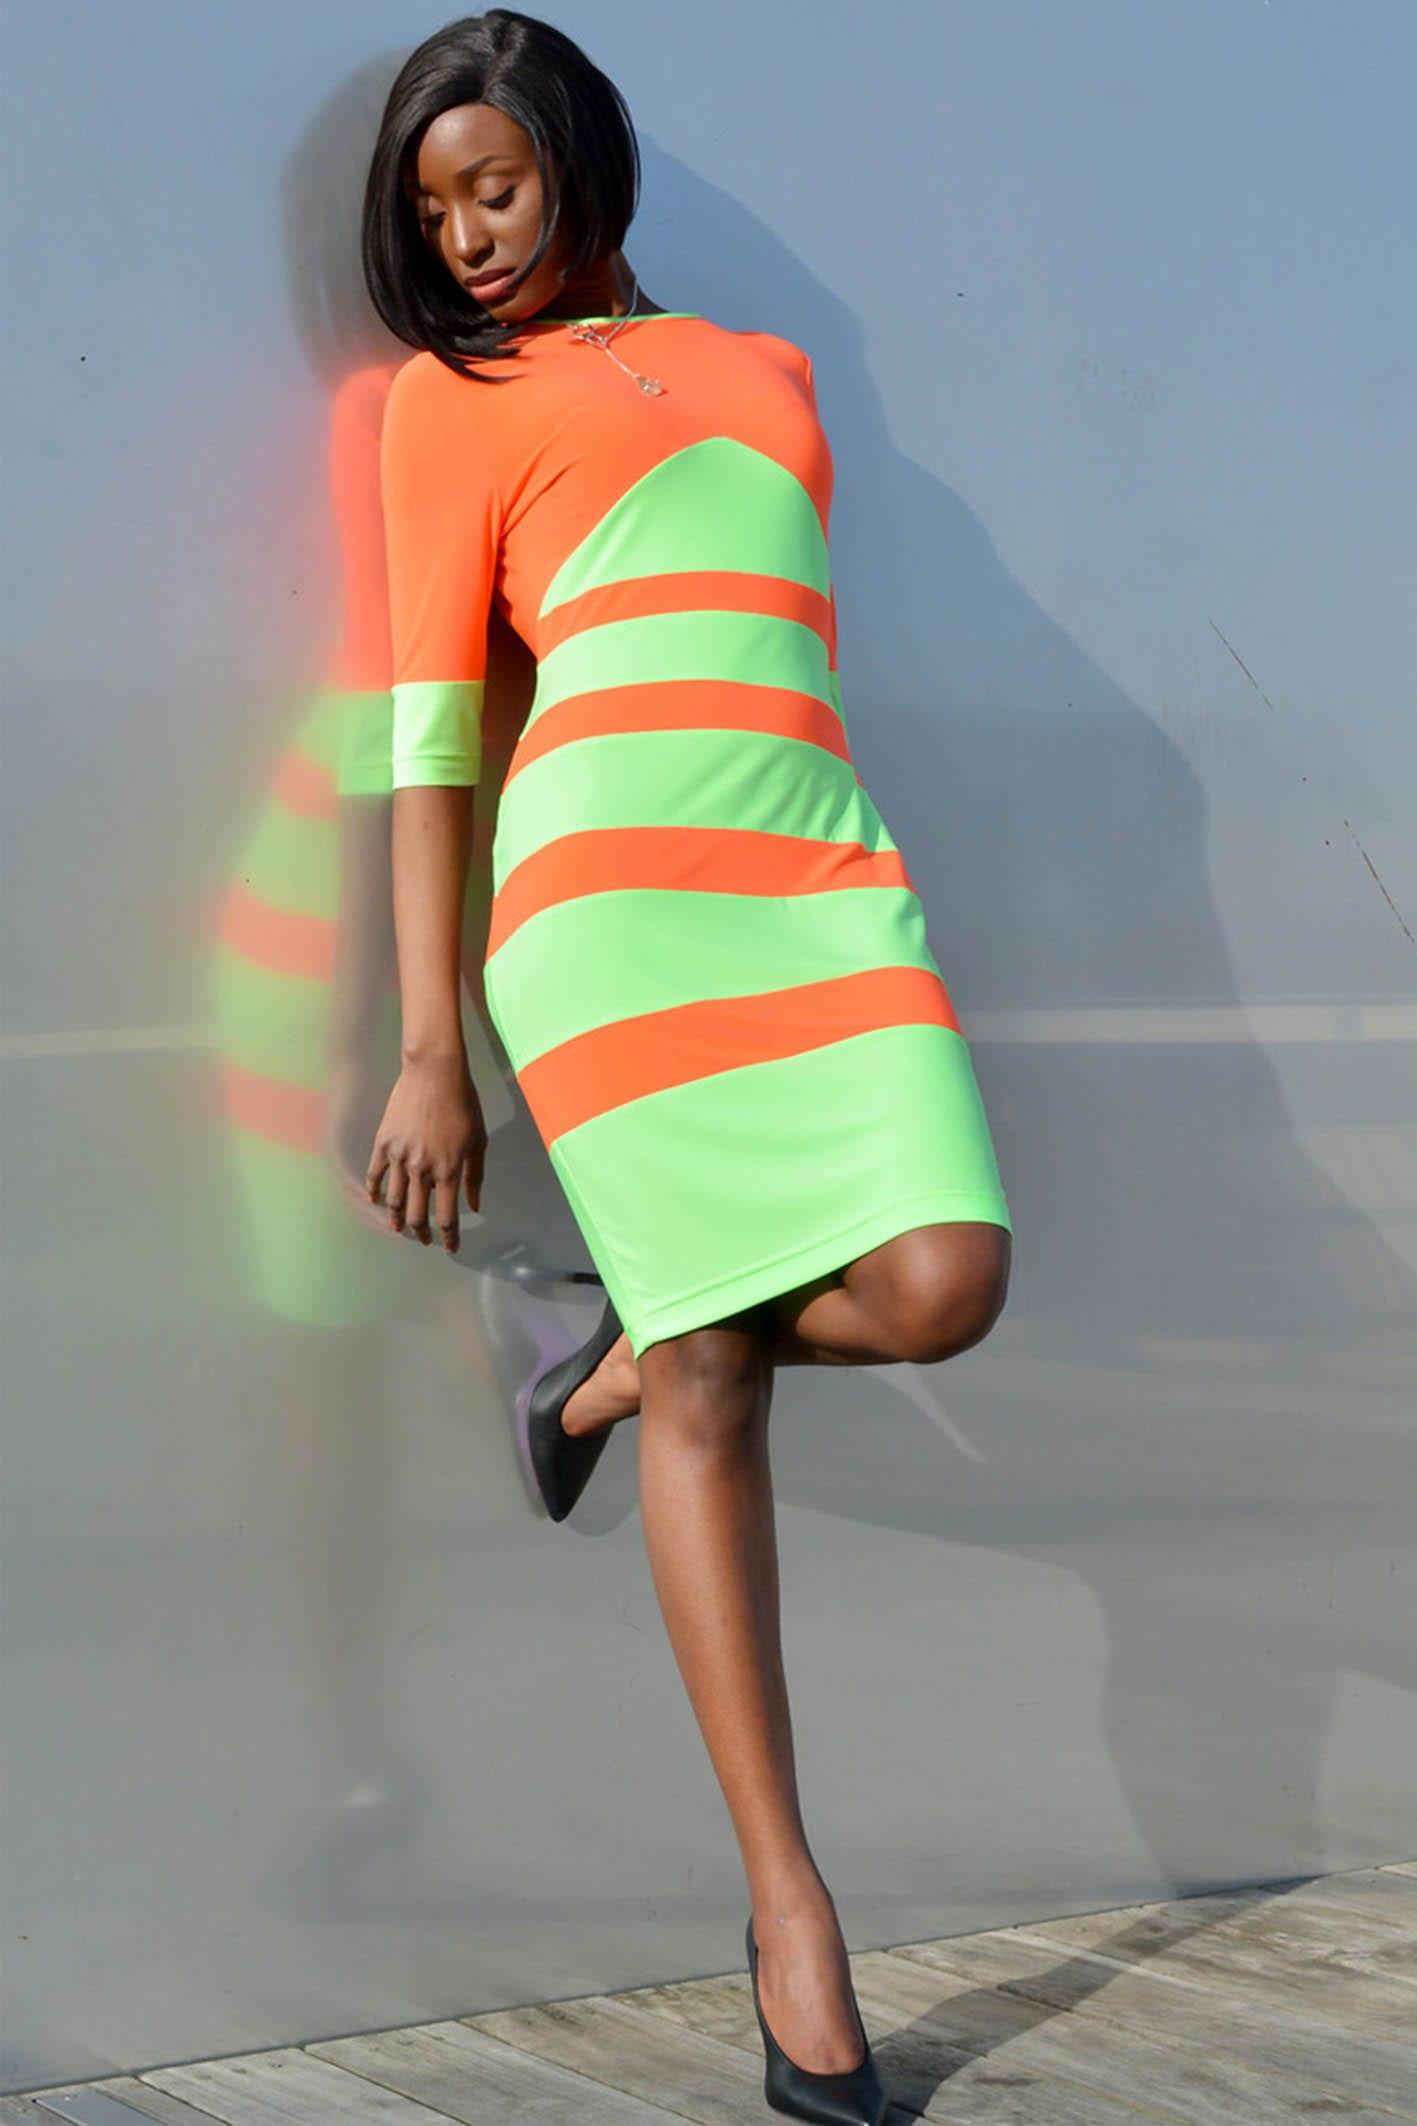 Robe fluo femme chic. Robe vert et orange fluo moulante avec manches 3/4. Pièce produite à l'unité dans notre atelier parisien.